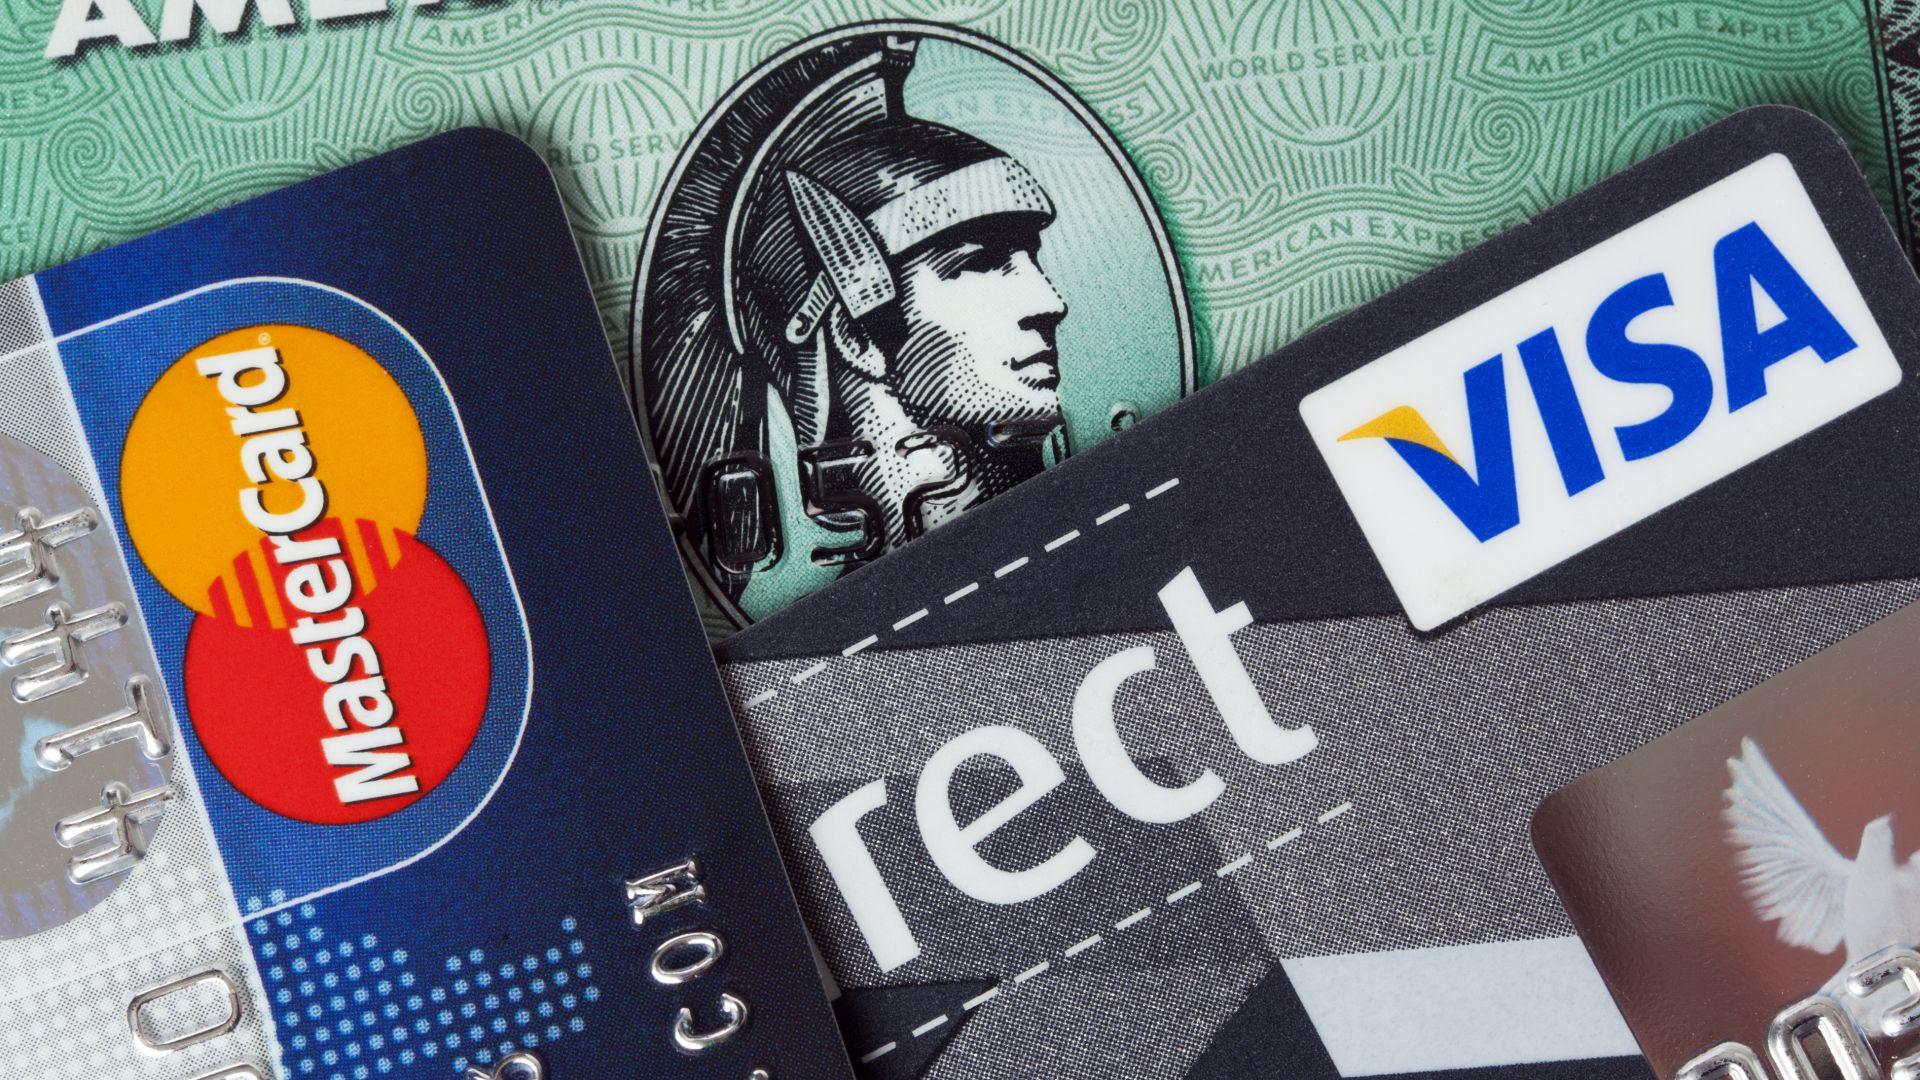 Американски гигант стана първата чужда компания с одобрение от Пекин за обработка на плащания в юани